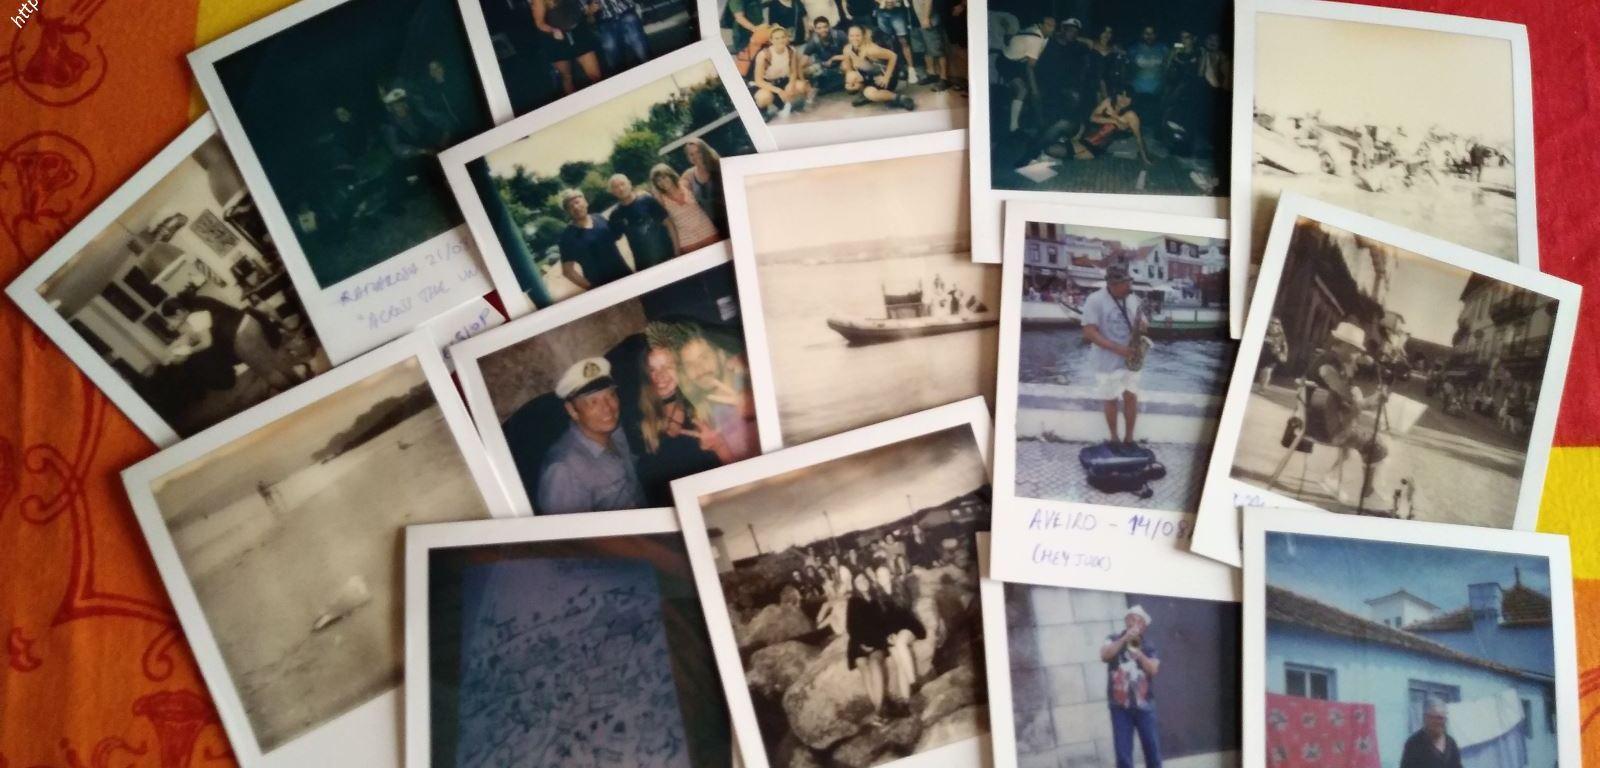 Fotos Polaroid durante el Camino 2017